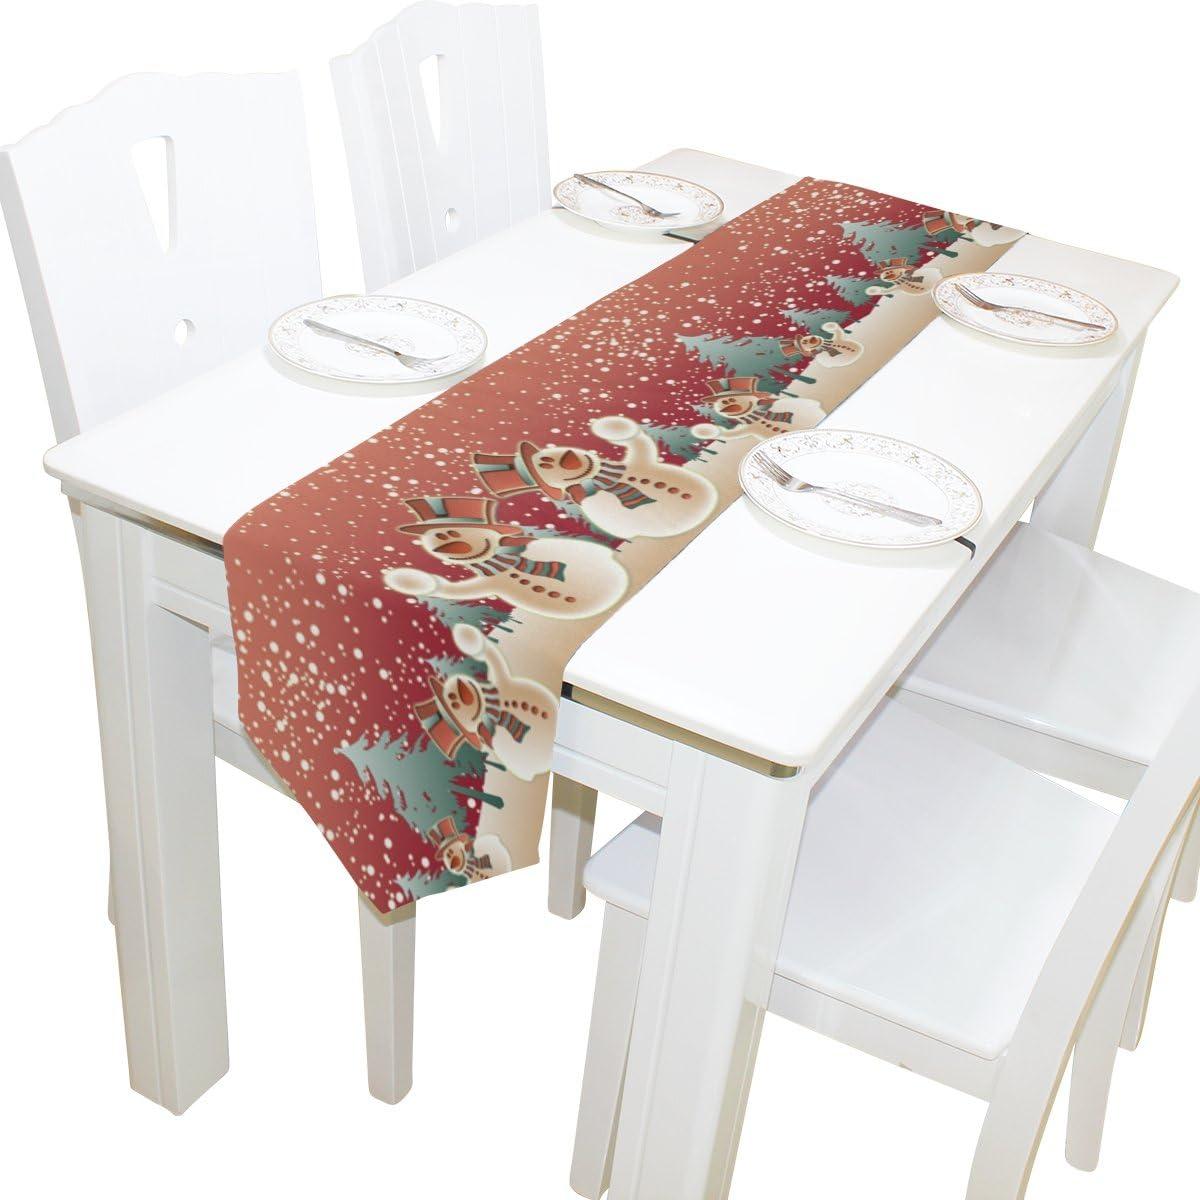 ALAZA camino de mesa decoración del hogar, vintage camino de mantel para mesa de muñeco de nieve de Navidad café alfombrilla para boda fiesta banquete decoración 13 x 70 pulgadas, poliéster, Blanco,